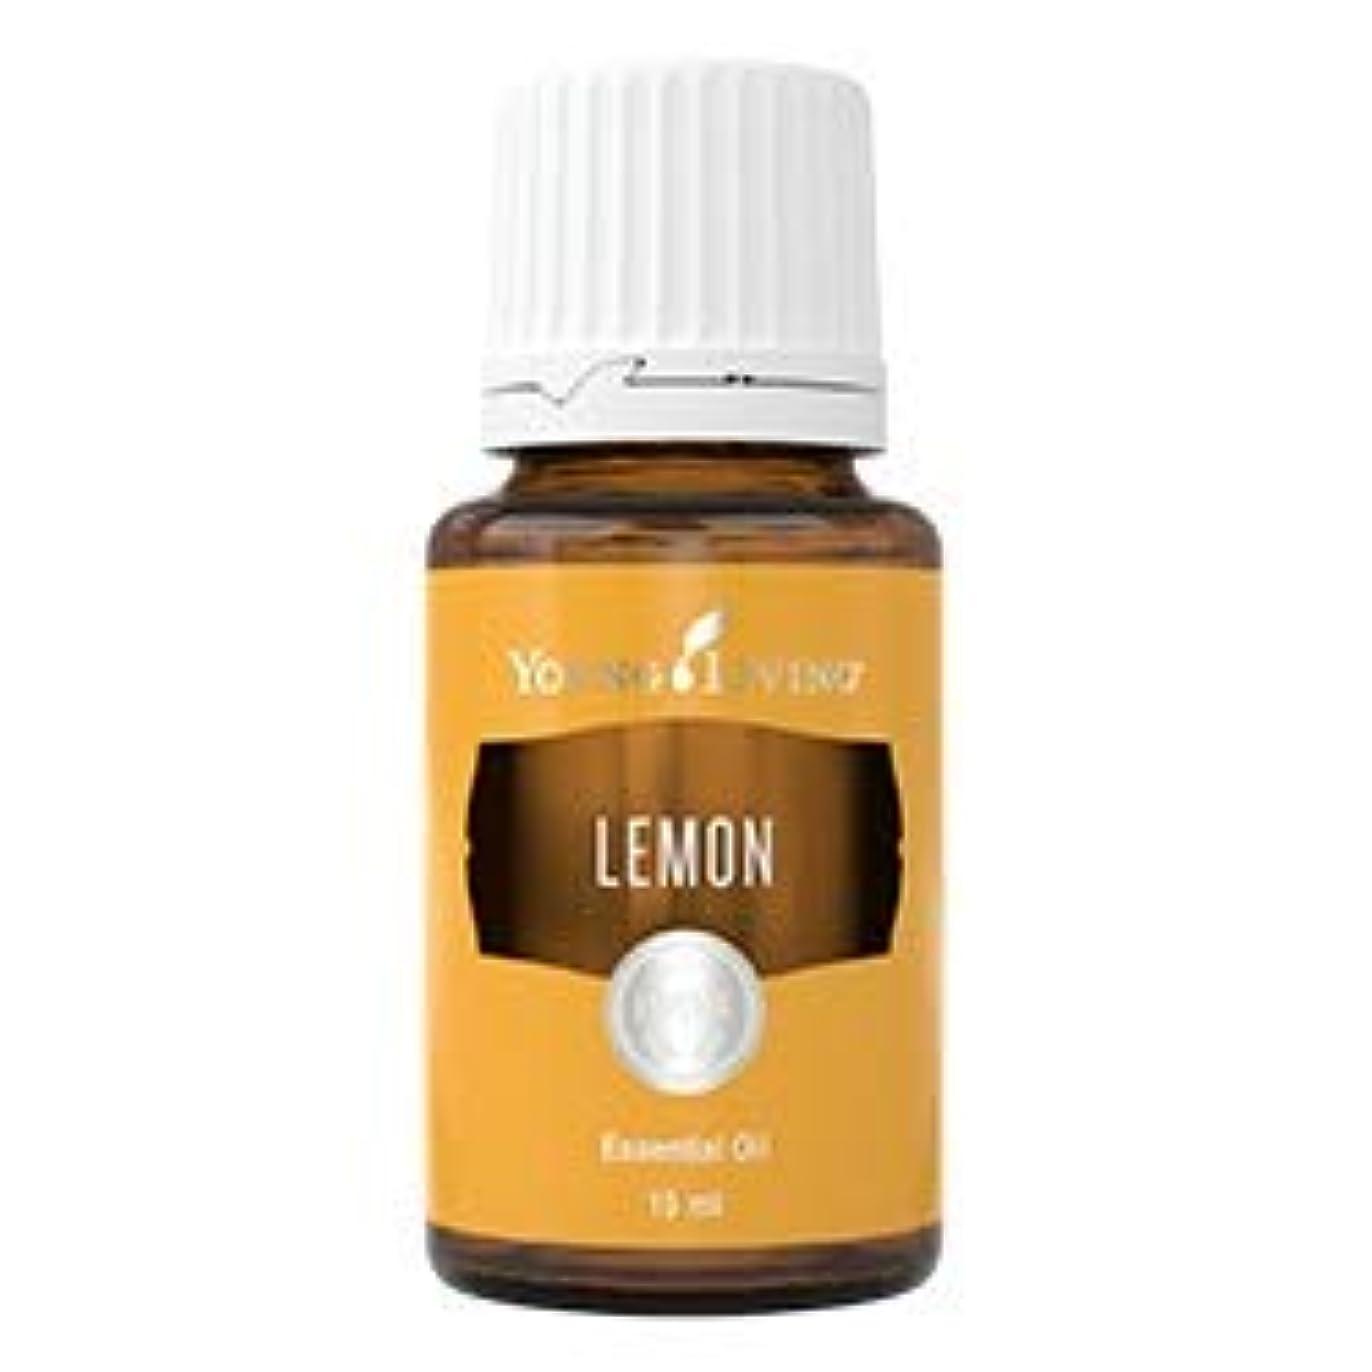 早く喜劇期限レモンエッセンシャルオイル15 ml byヤングリビングエッセンシャルオイルマレーシア Lemon Essential Oil 15 ml by Young Living Essential Oil Malaysia